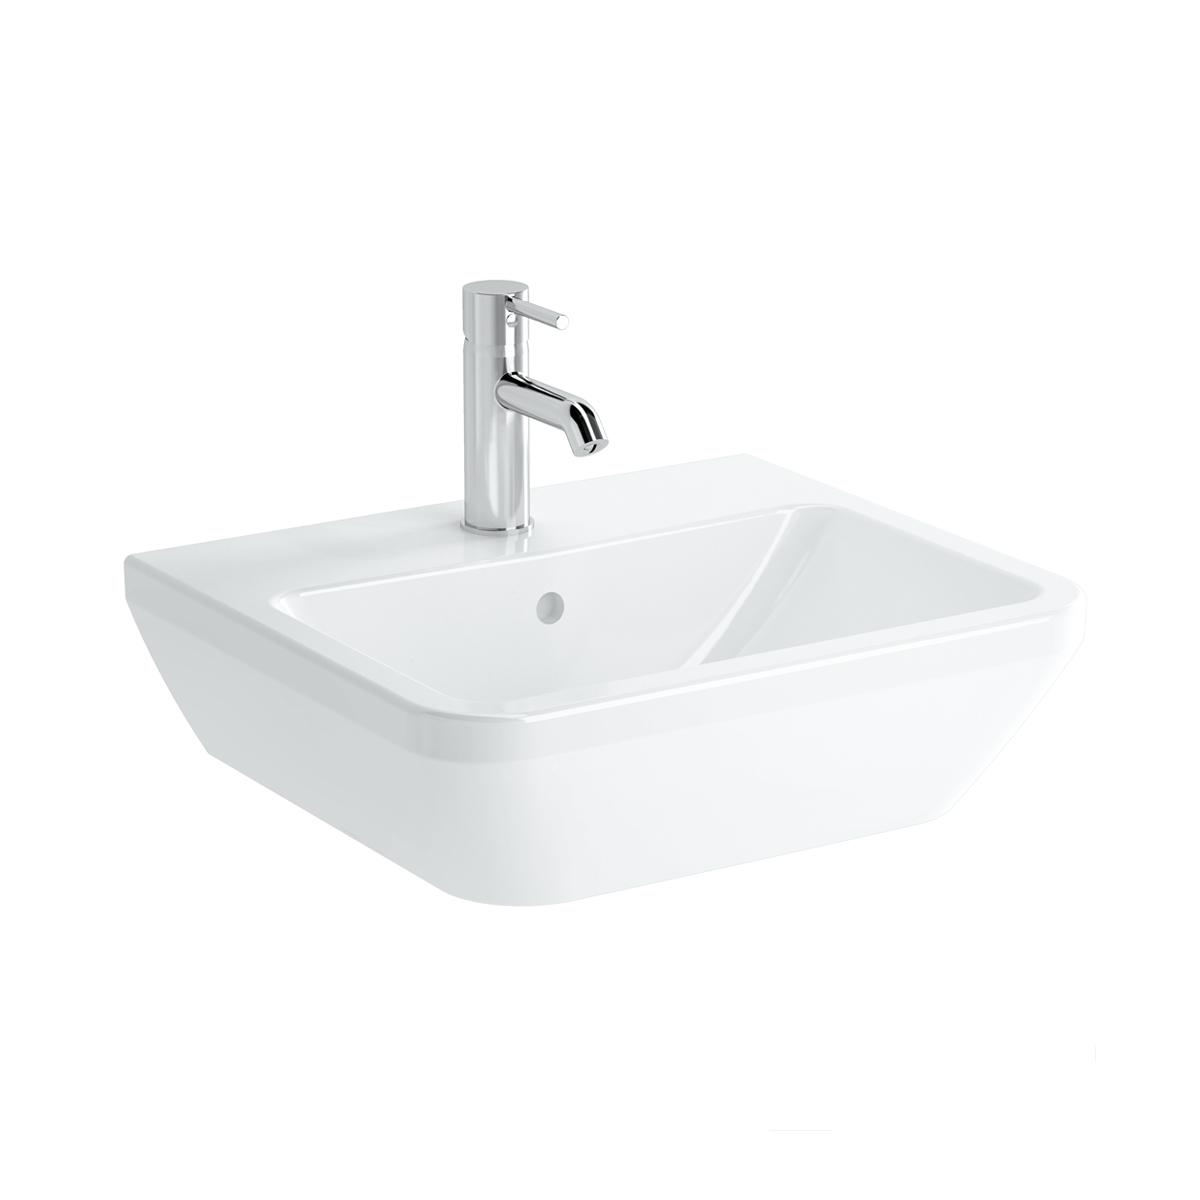 Integra Waschtisch, 50 cm, eckig, ohne Hahnloch, mit Überlaufloch, Weiß, VitrA Clean